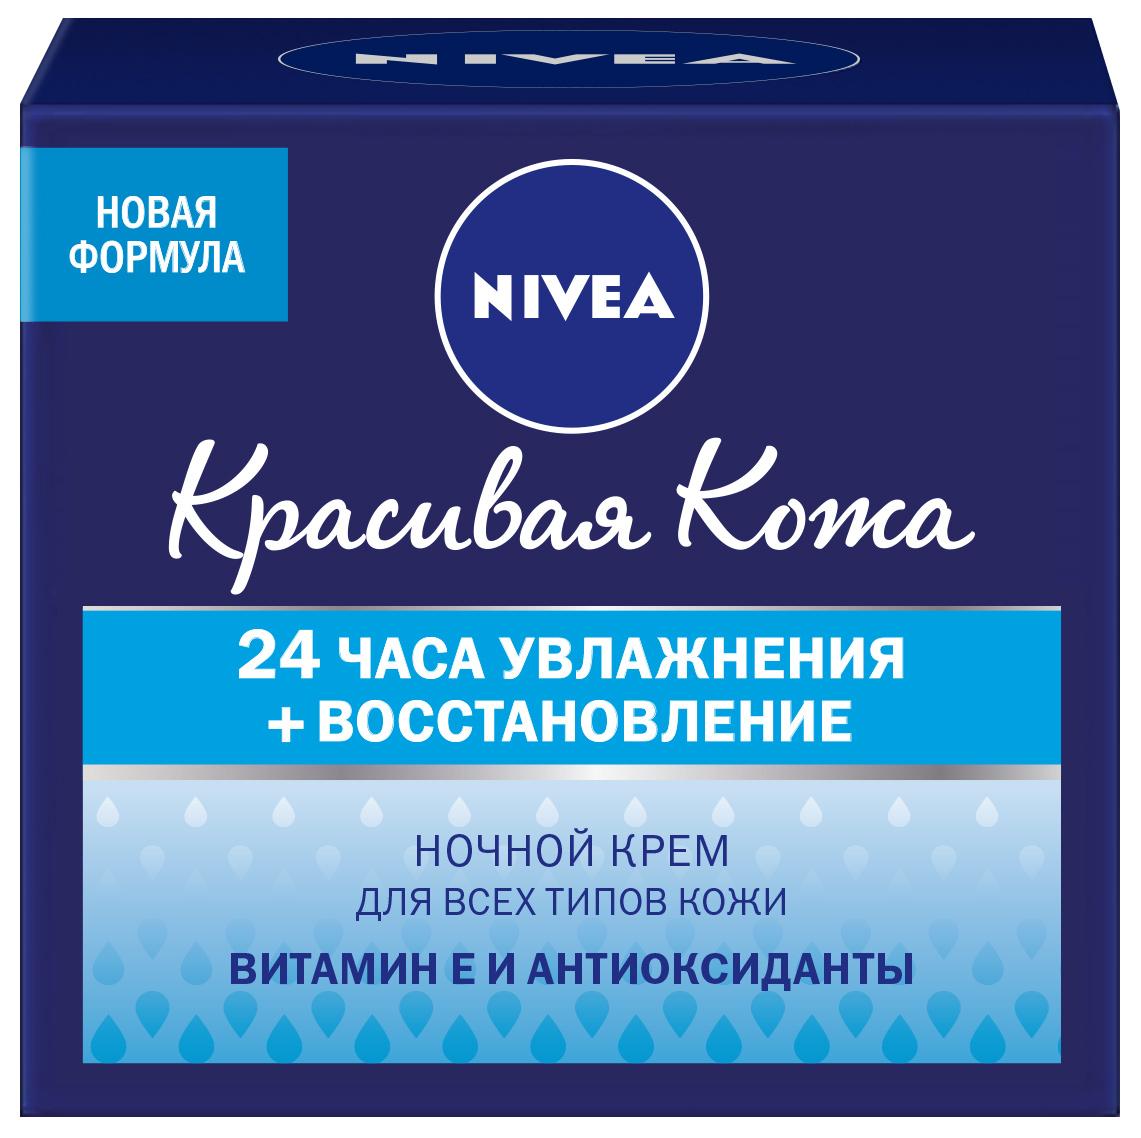 Nivea Крем ночной восстанавливающий для нормальной и комбинированной кожи Красивая кожа, 50 мл ahava time to hydrate ночной восстанавливающий крем для нормальной и сухой кожи time to hydrate ночной восстанавливающий крем для нормальной и сухой кожи